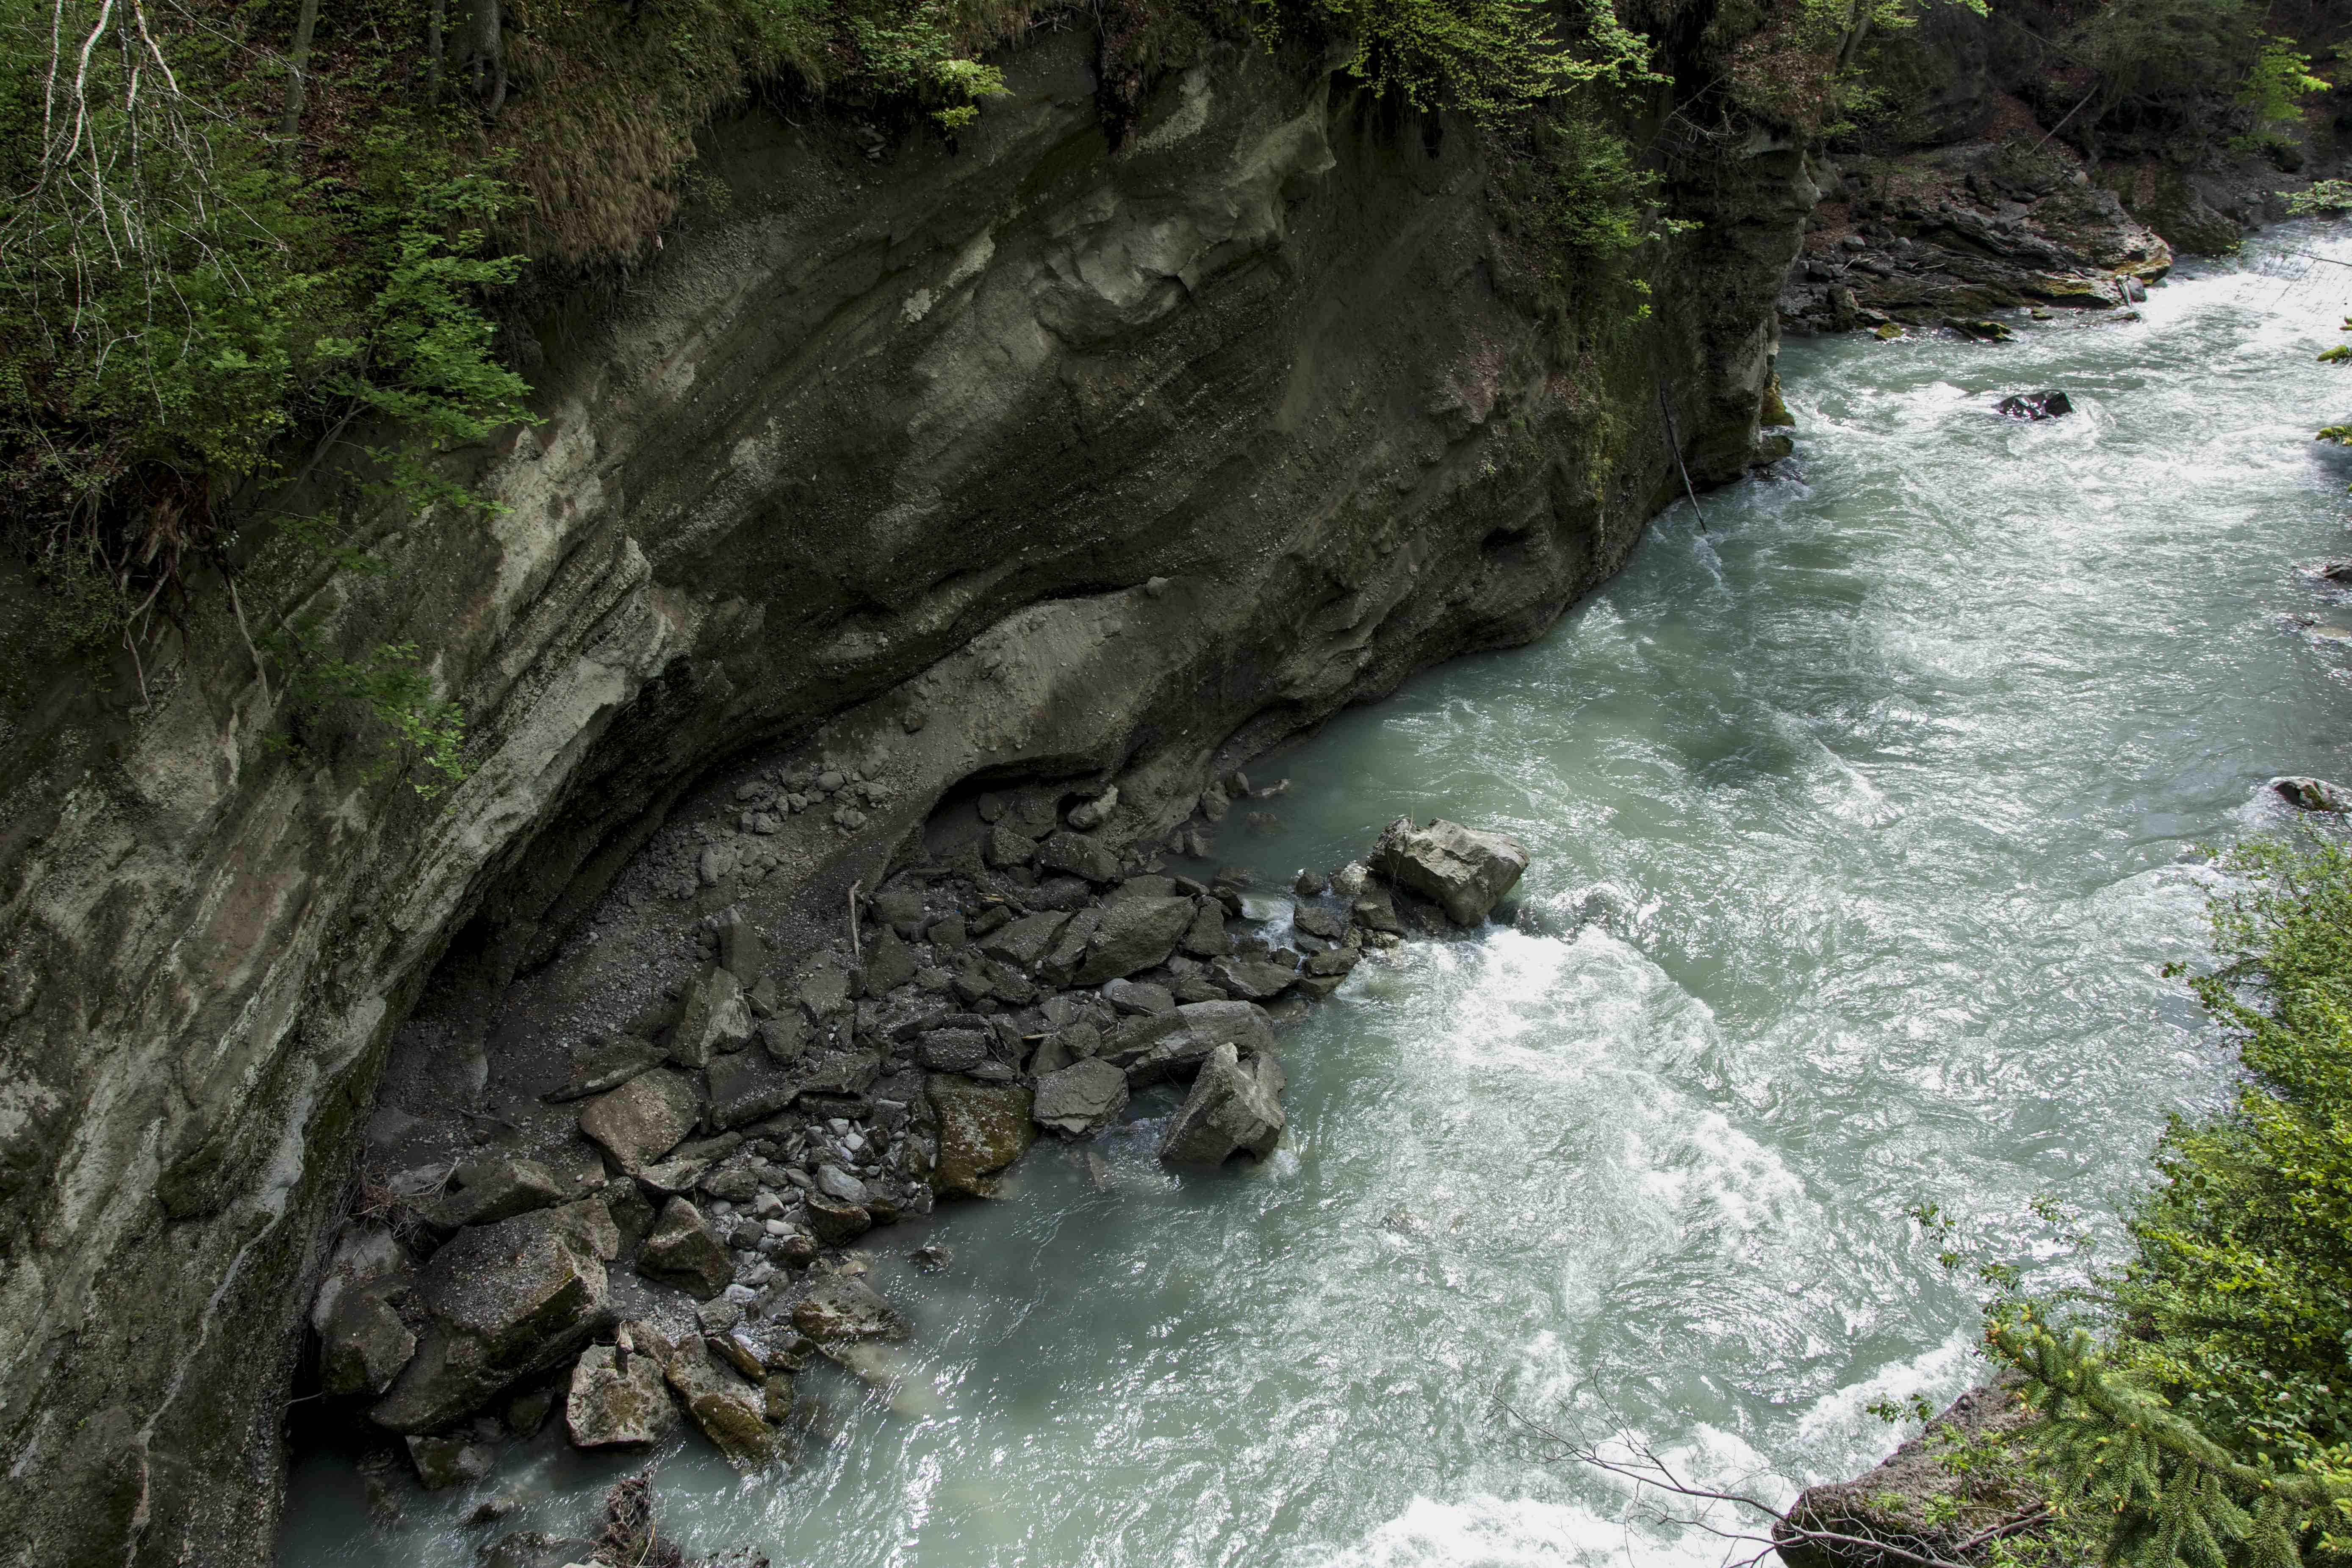 Wo früher Berg war, fliesst heute Wasser: Kanderdurchstich